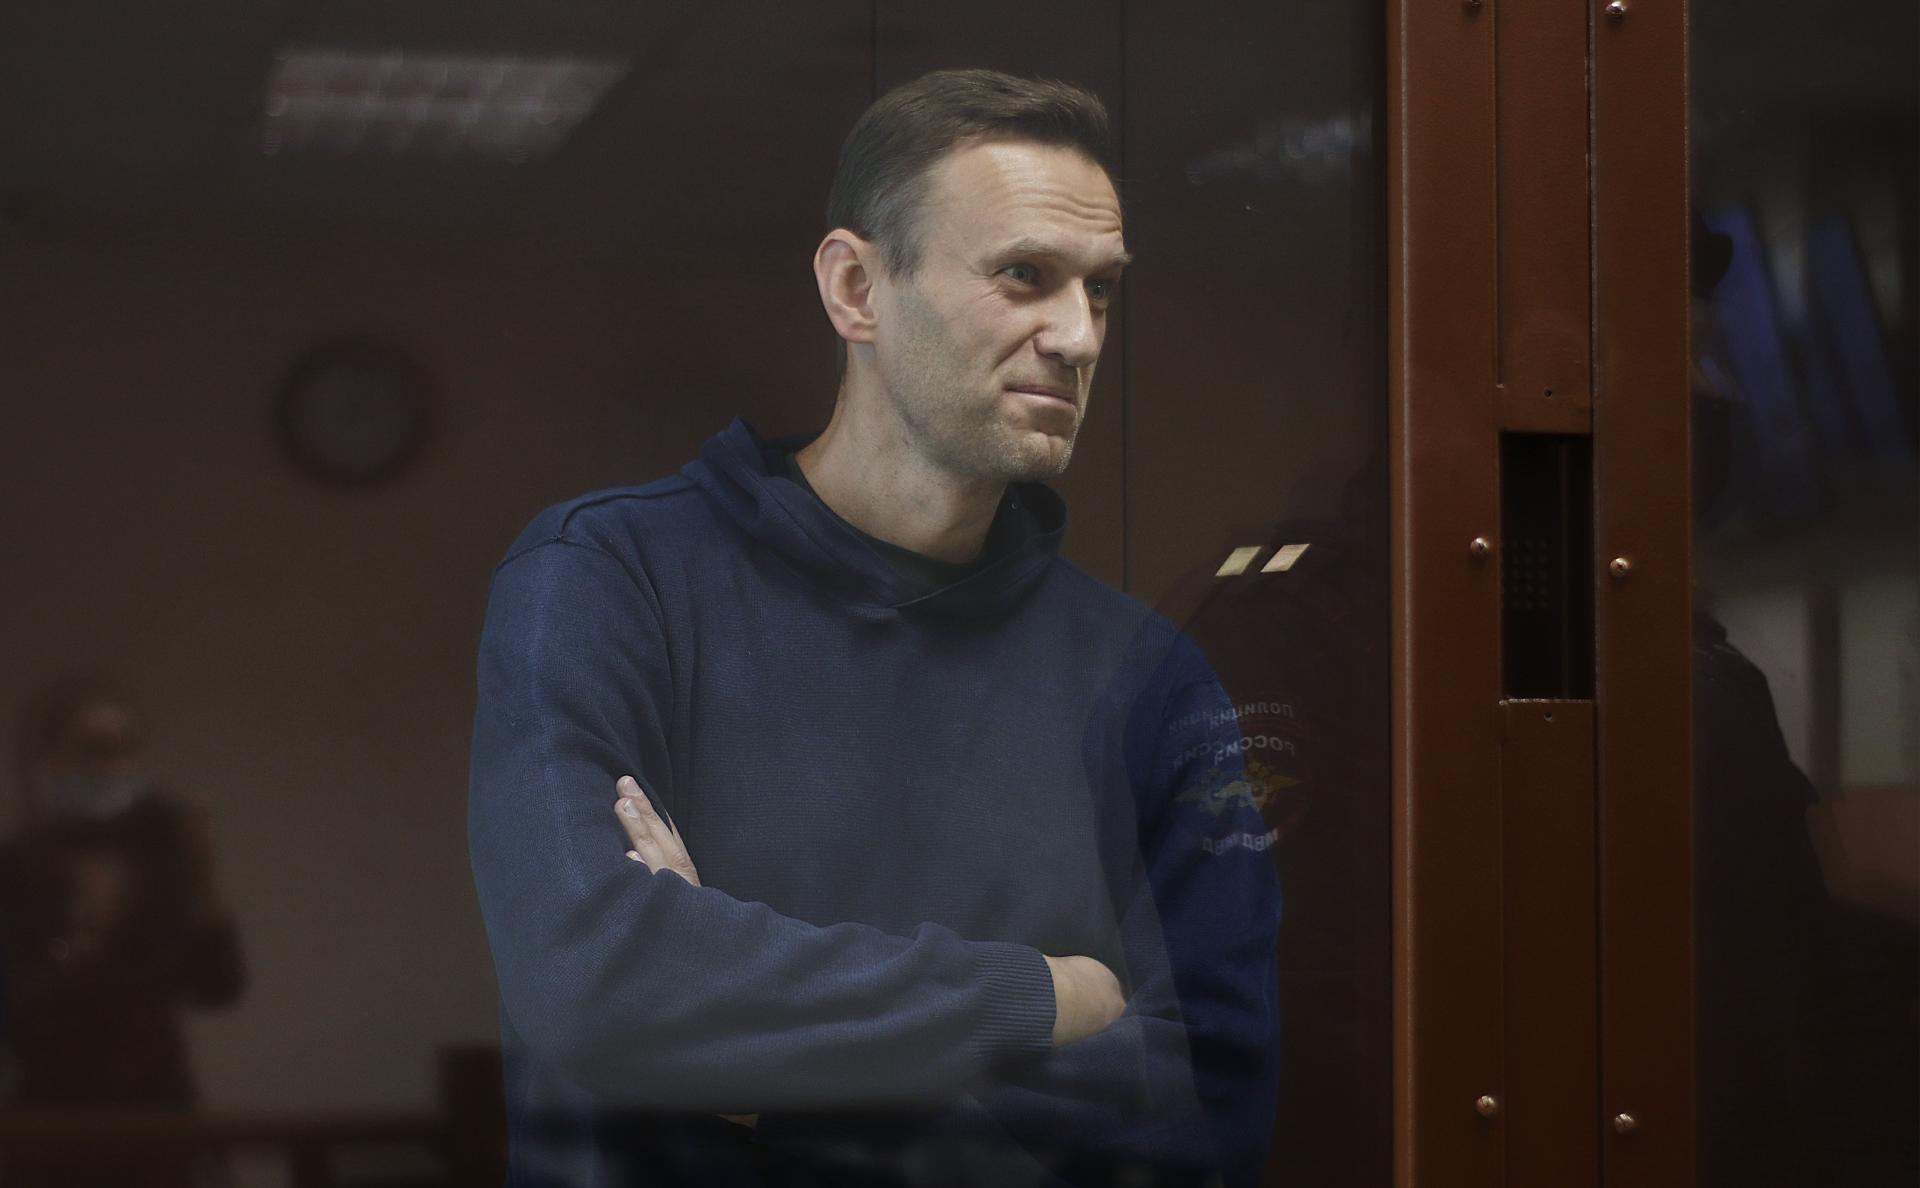 Фото:Пресс-служба Бабушкинского суда Москвы / РИА Новости